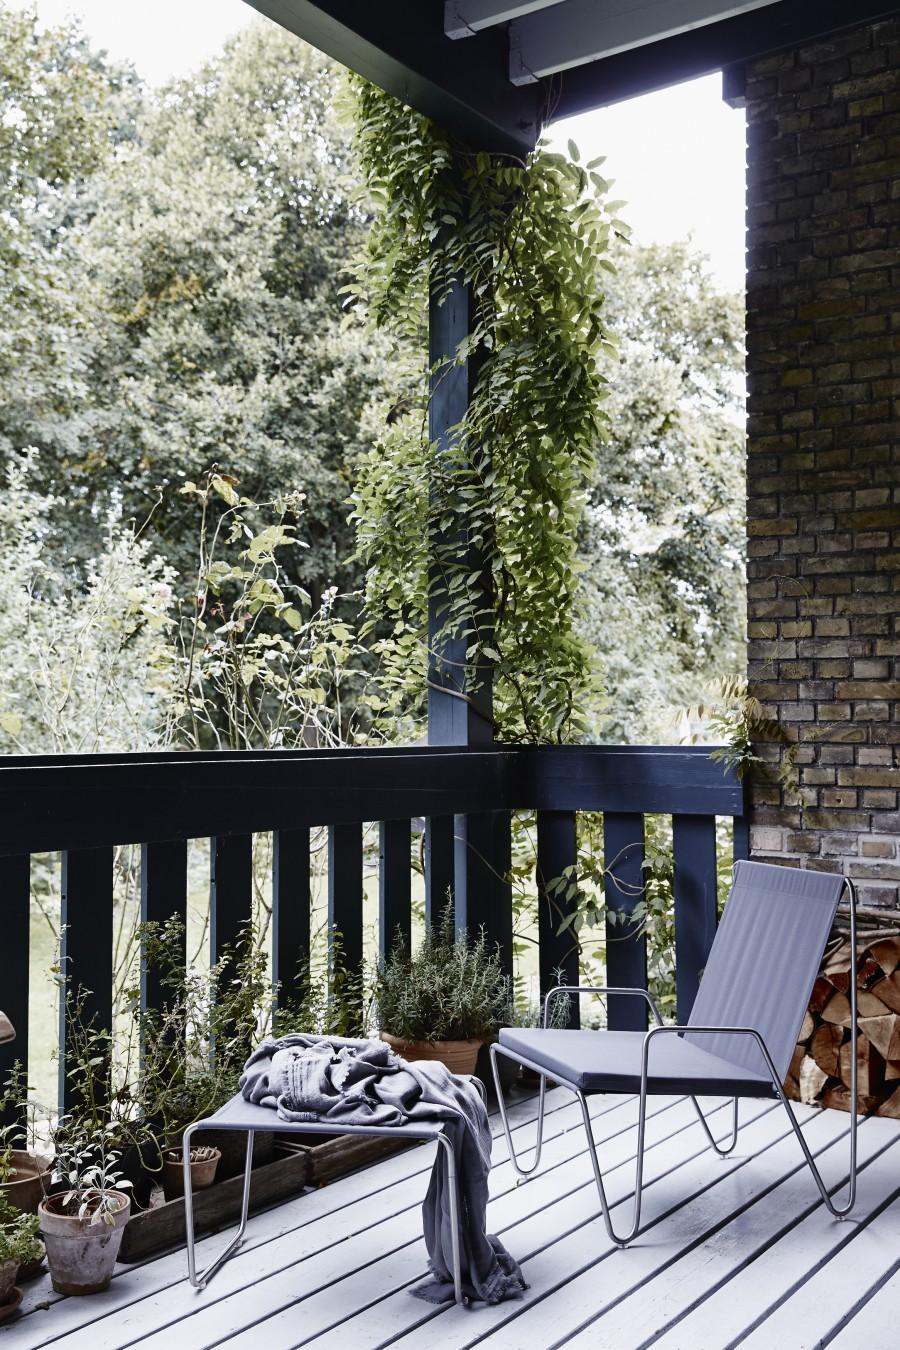 22-Panton-Bachelor-outdoor-e1461835763684.jpg